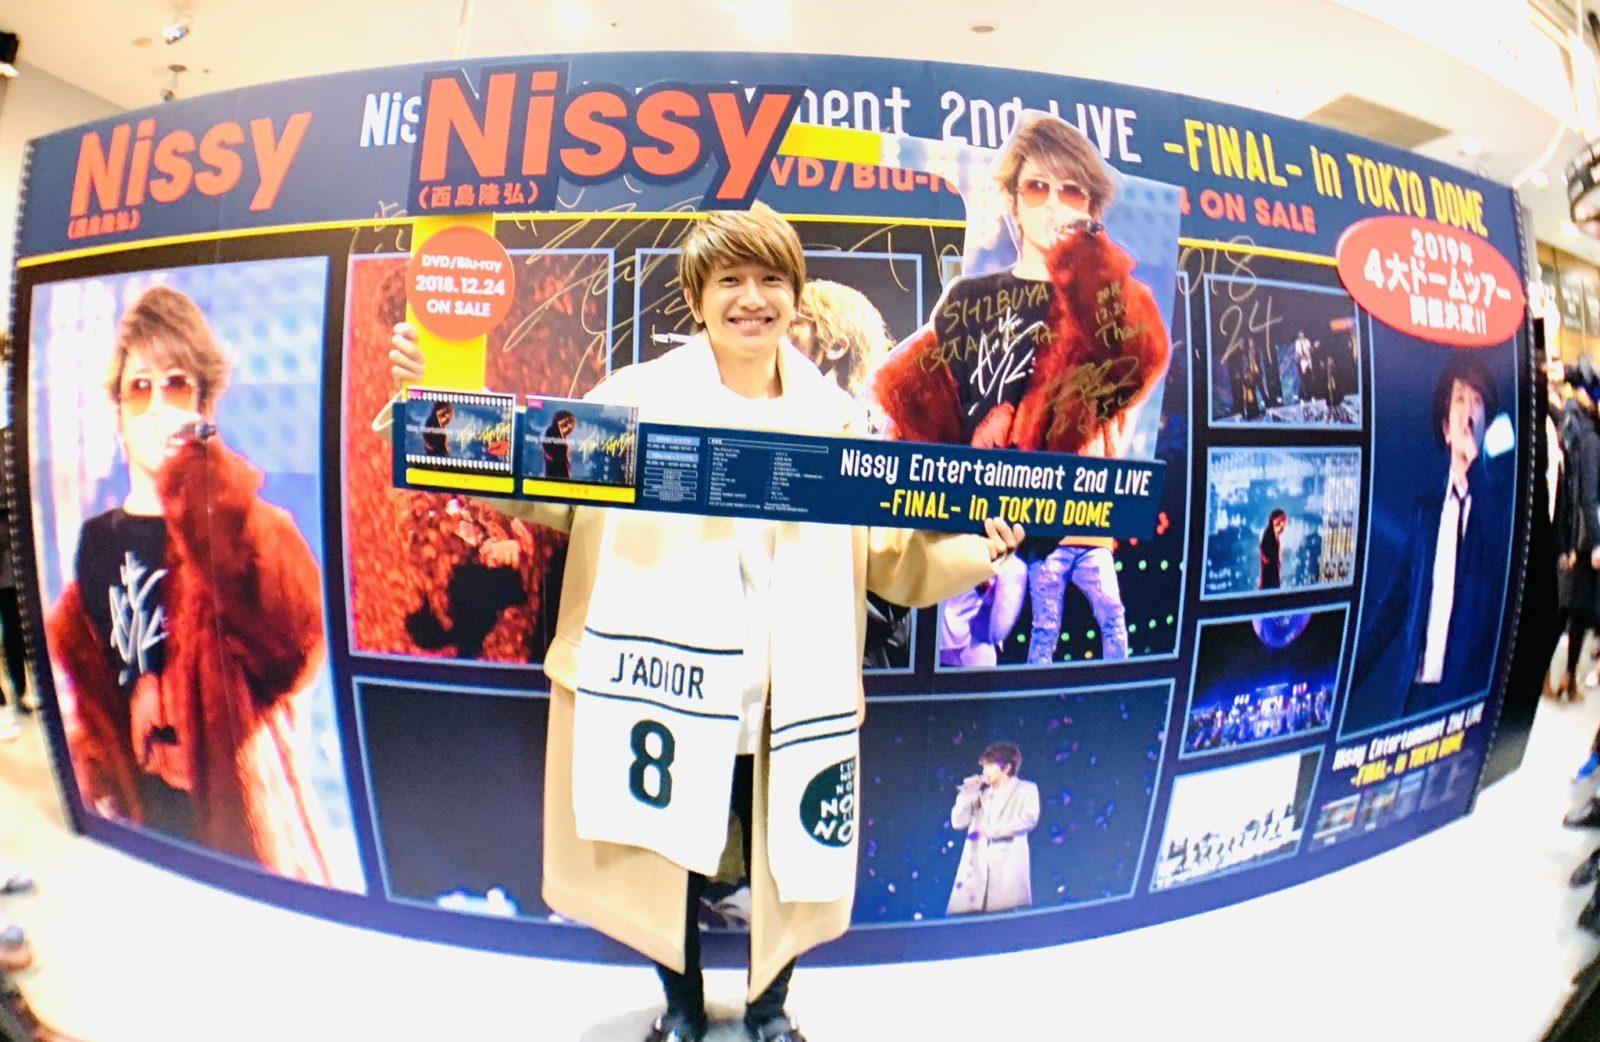 Nissy(西島隆弘)、クリスマスイブのプレゼントで1日の移動距離約2,800km!5大都市CDショップを訪店サムネイル画像